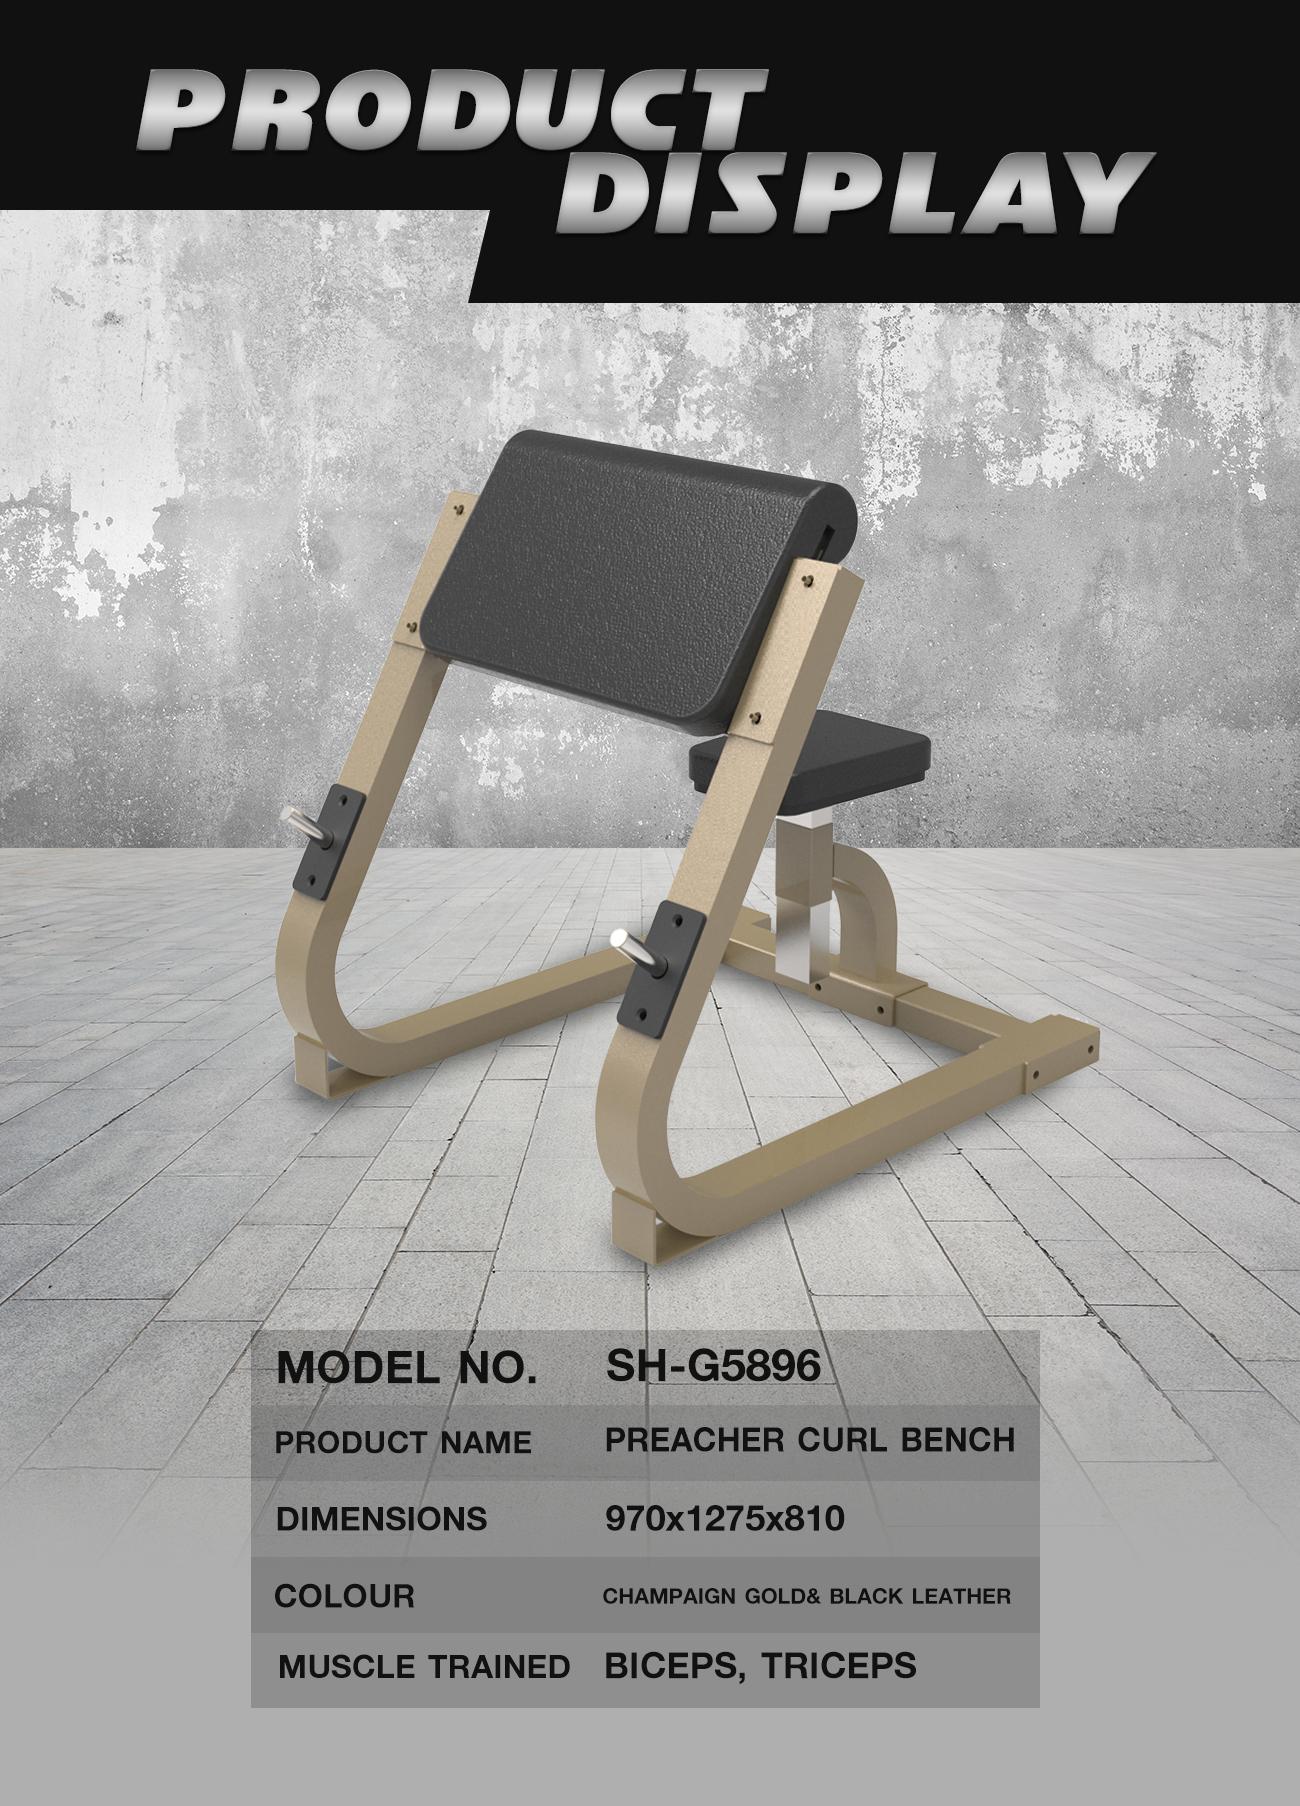 Preacher Curl Bench (SH-G5896)